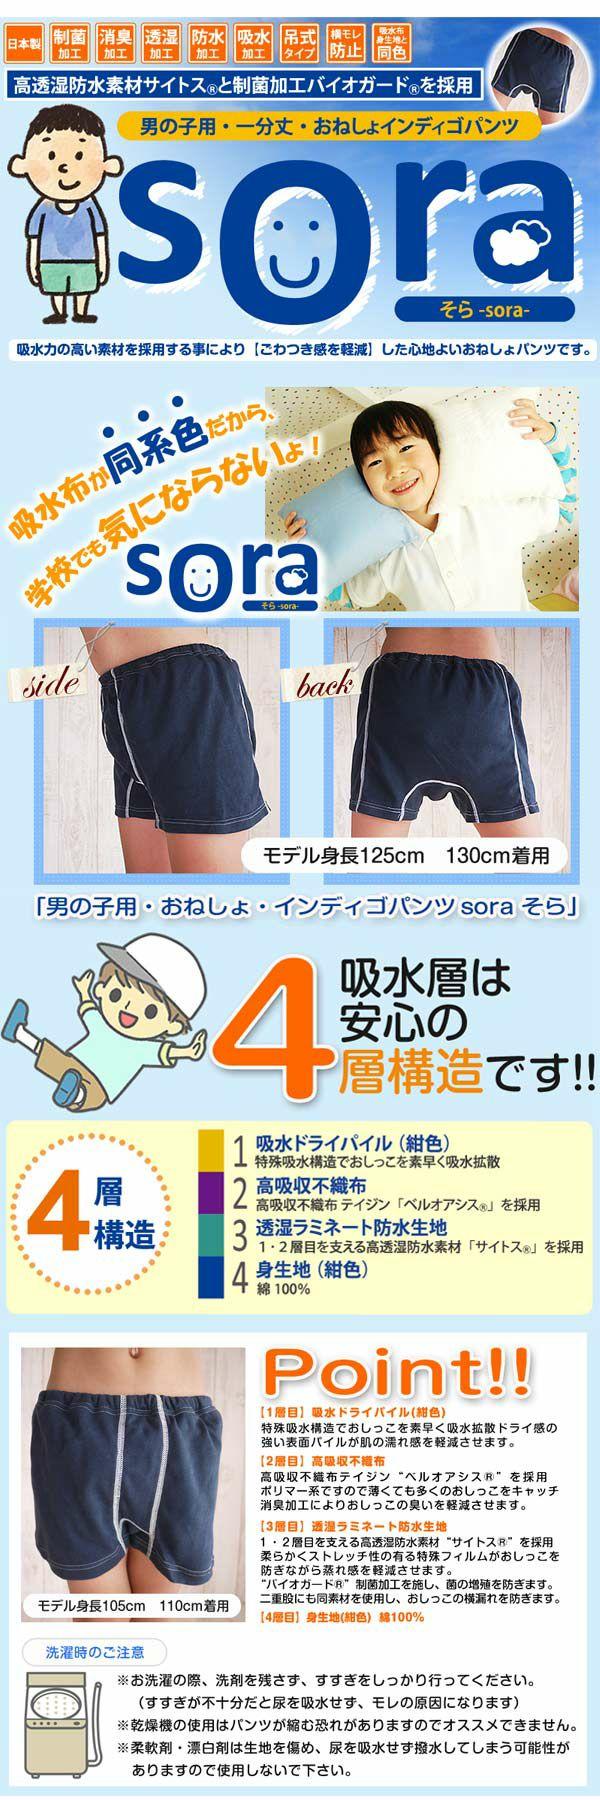 【Sora】おねしょパンツ【110cm】【80cc】